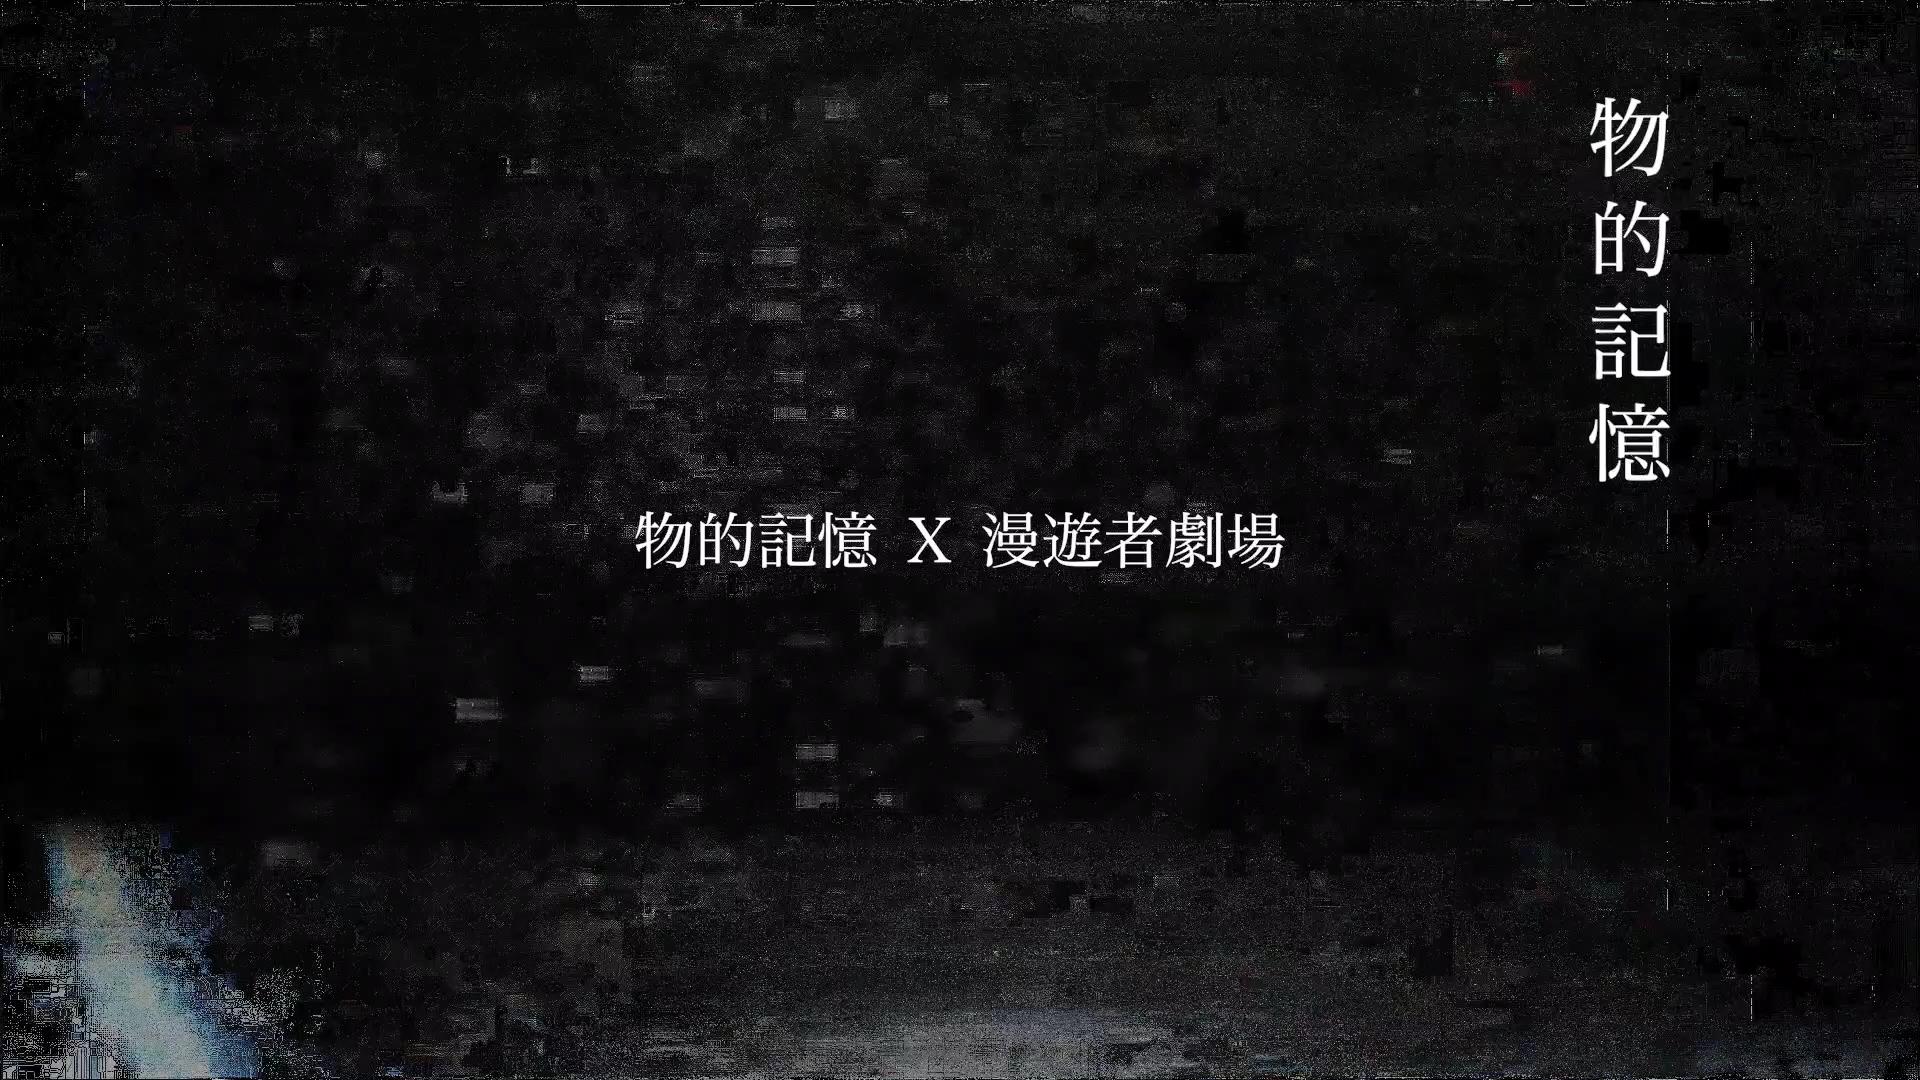 新北4大博物館X再拒劇團首次跨界合作 「物的記憶X漫遊者劇場」計畫518搶先預告